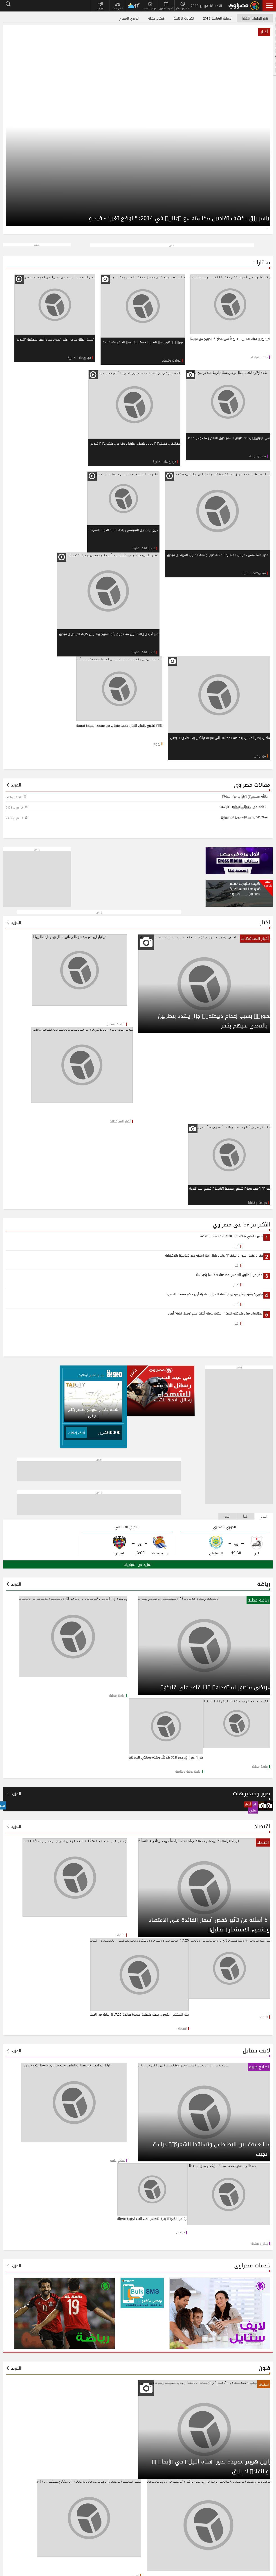 Masrawy at Sunday Feb. 18, 2018, 3:01 a.m. UTC